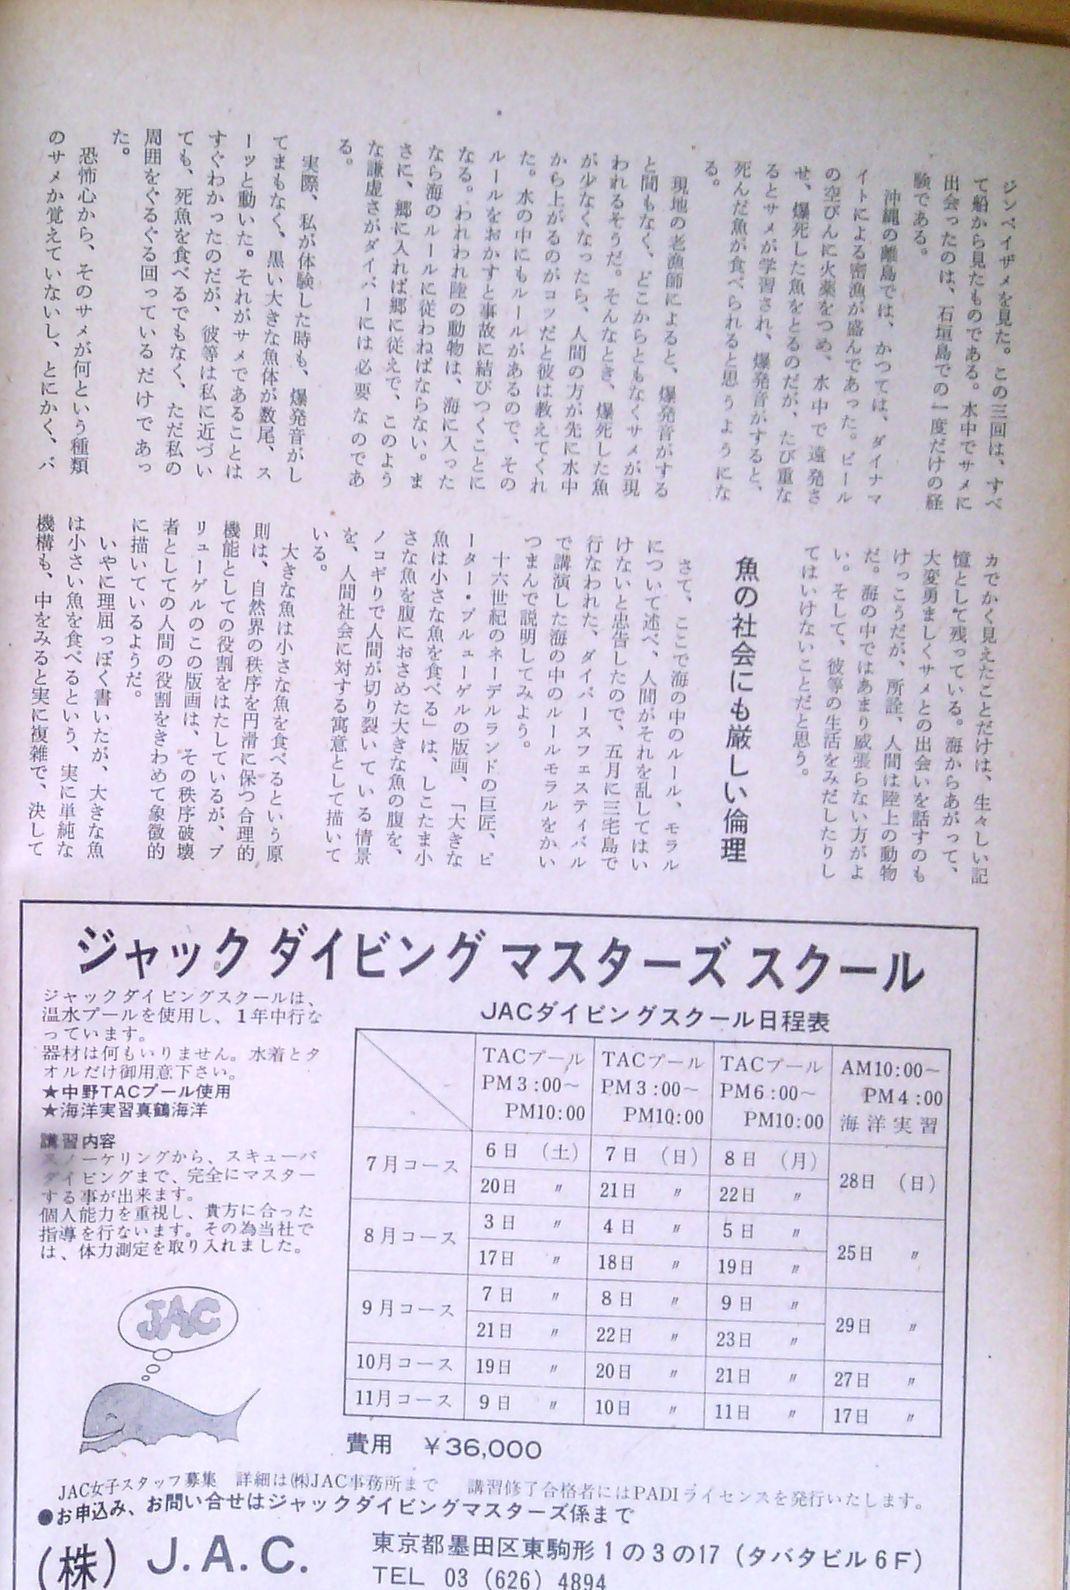 0517 ダイビングの歴史 72 海の世界1974-7月 2_b0075059_15193710.jpg